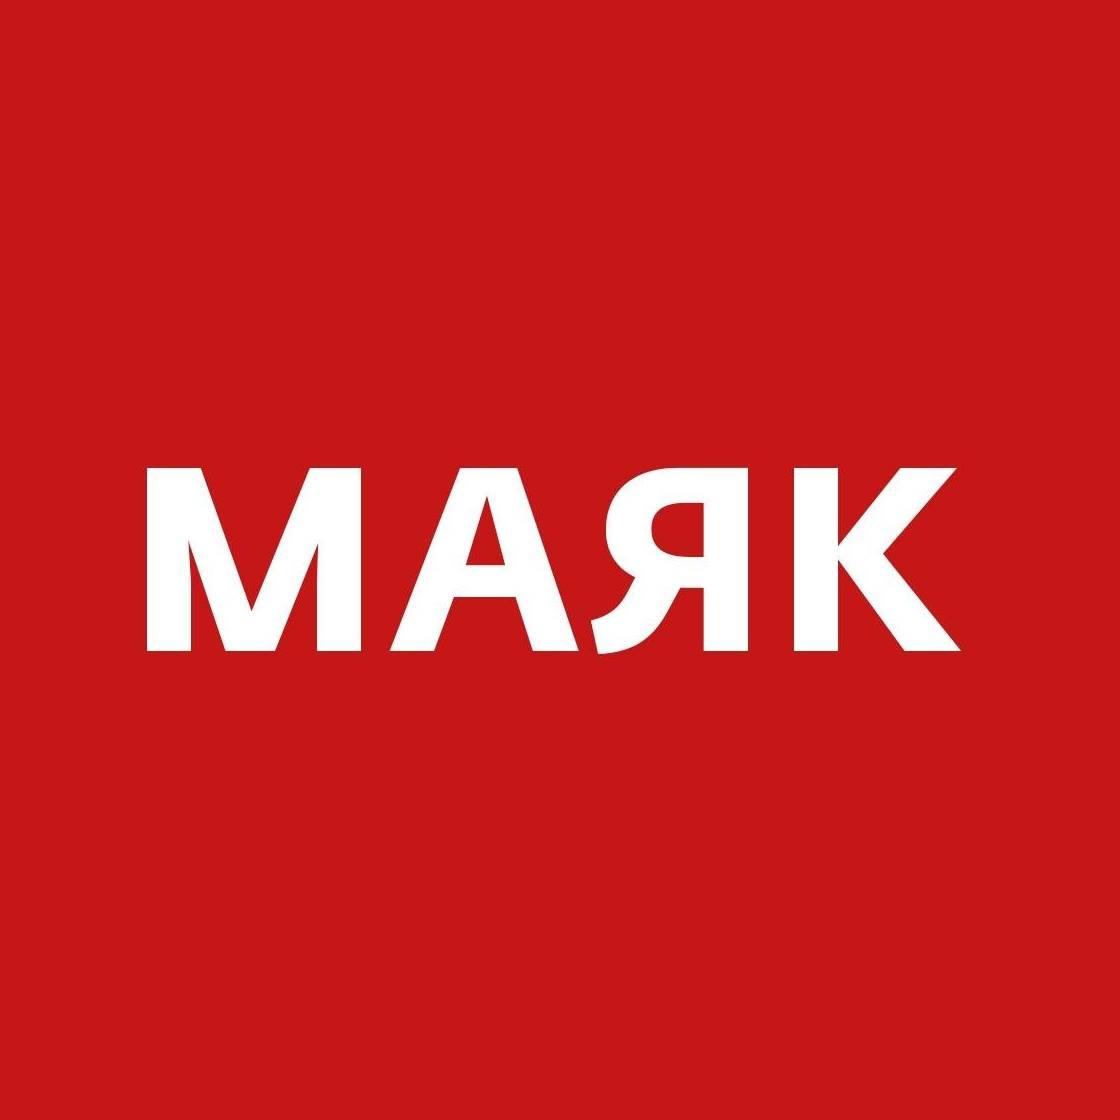 Радио Маяк 72.08 УКВ Россия, Якутск